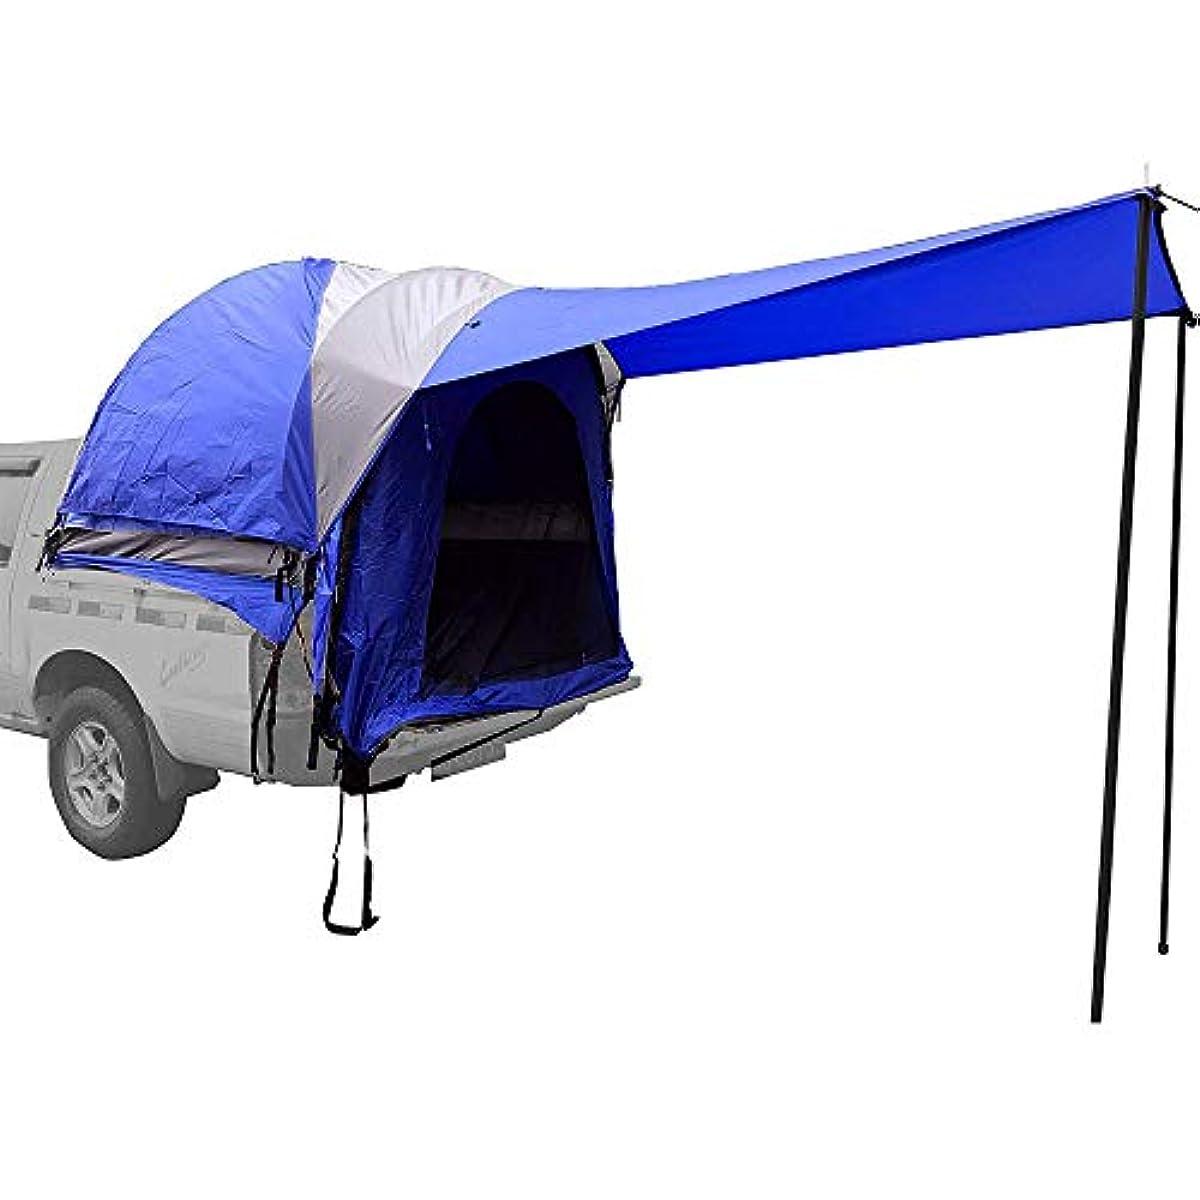 麻酔薬遊び場公式ルーフカーテント - 防水ダブルデッキラージスペーストラックテールゲートテント長さ5.5-6.7フィートのトラックに適しています適用可能な数2-4人